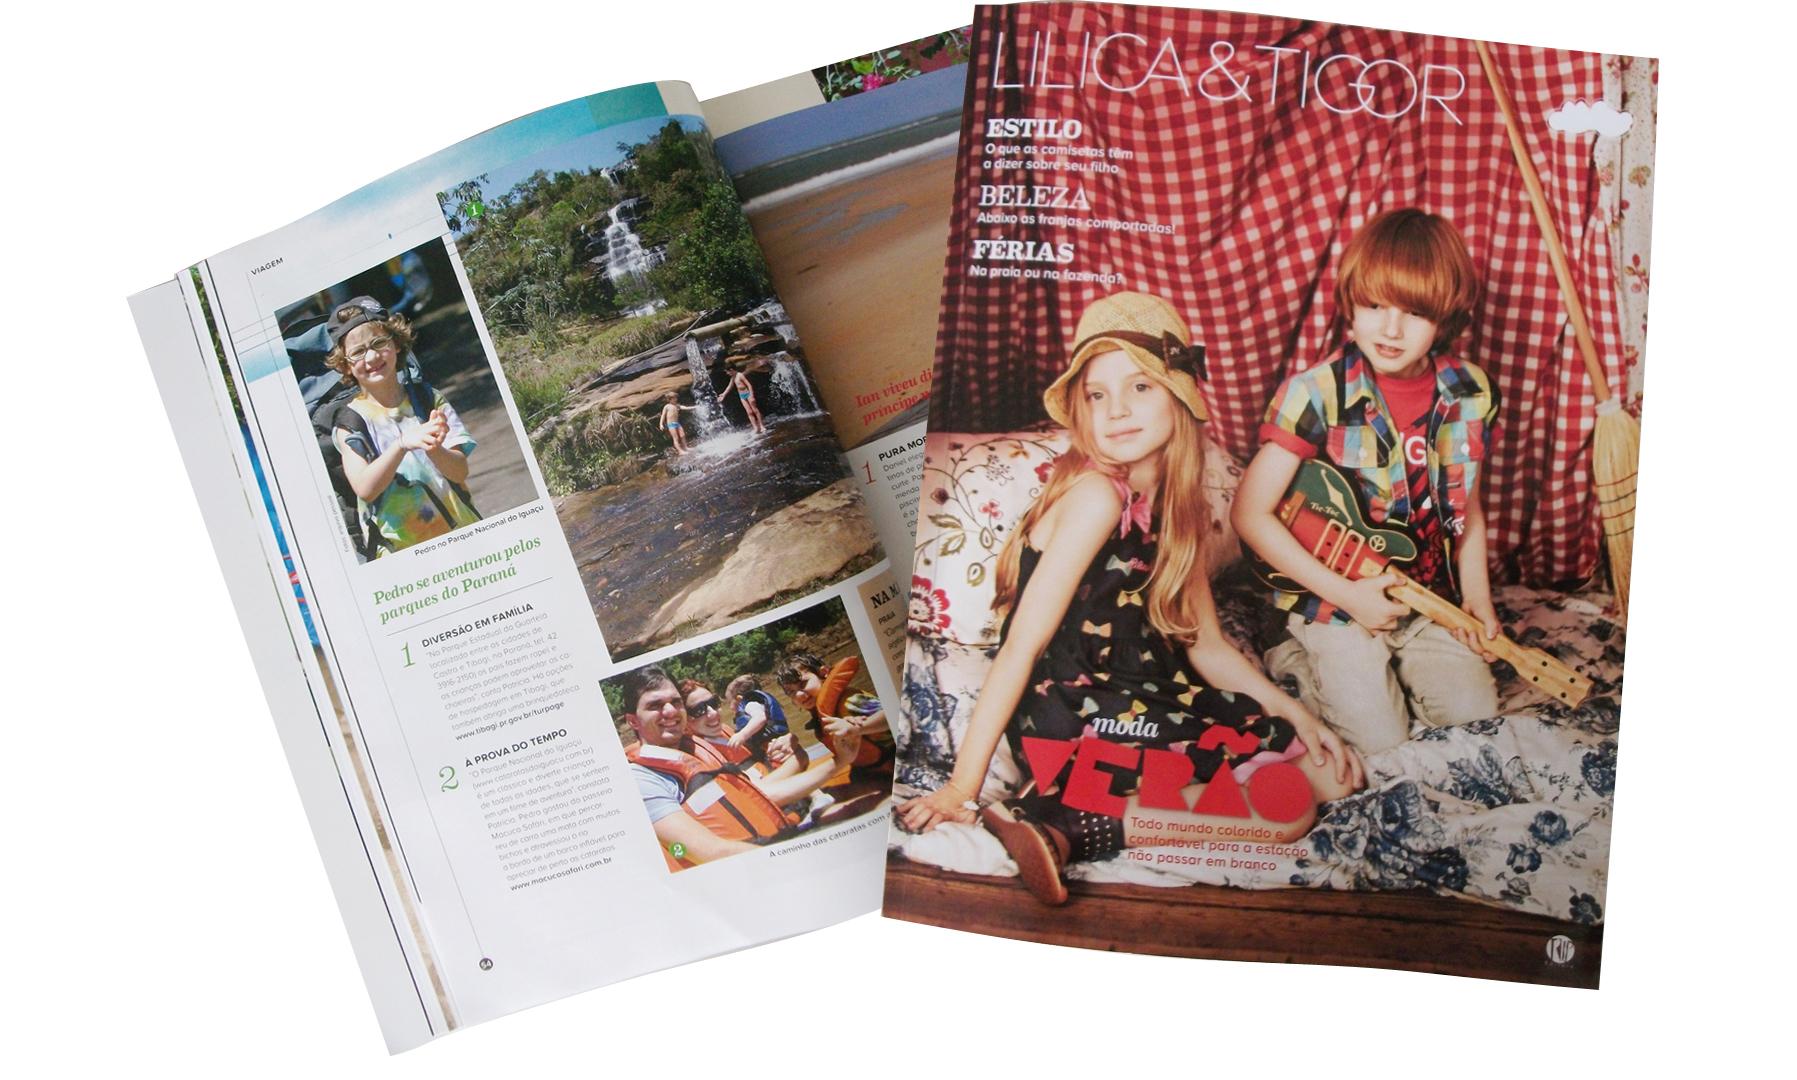 Correria e Revista Lilica&Tigor